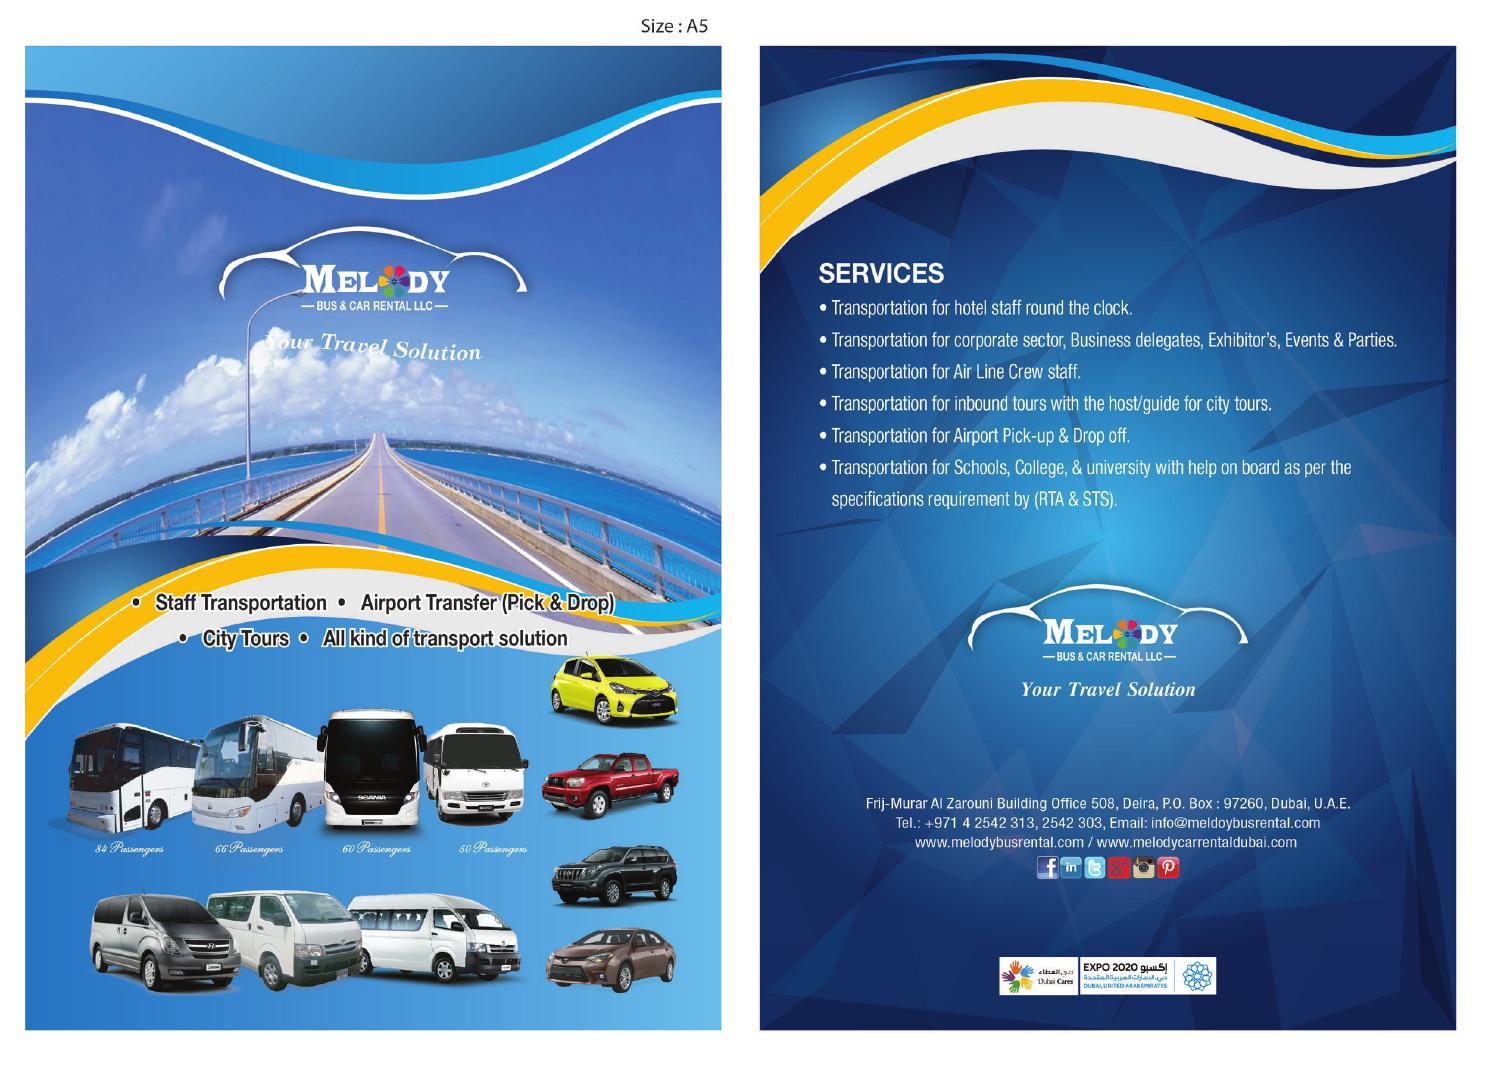 melody bus and car rental llc by rias khan   issuu